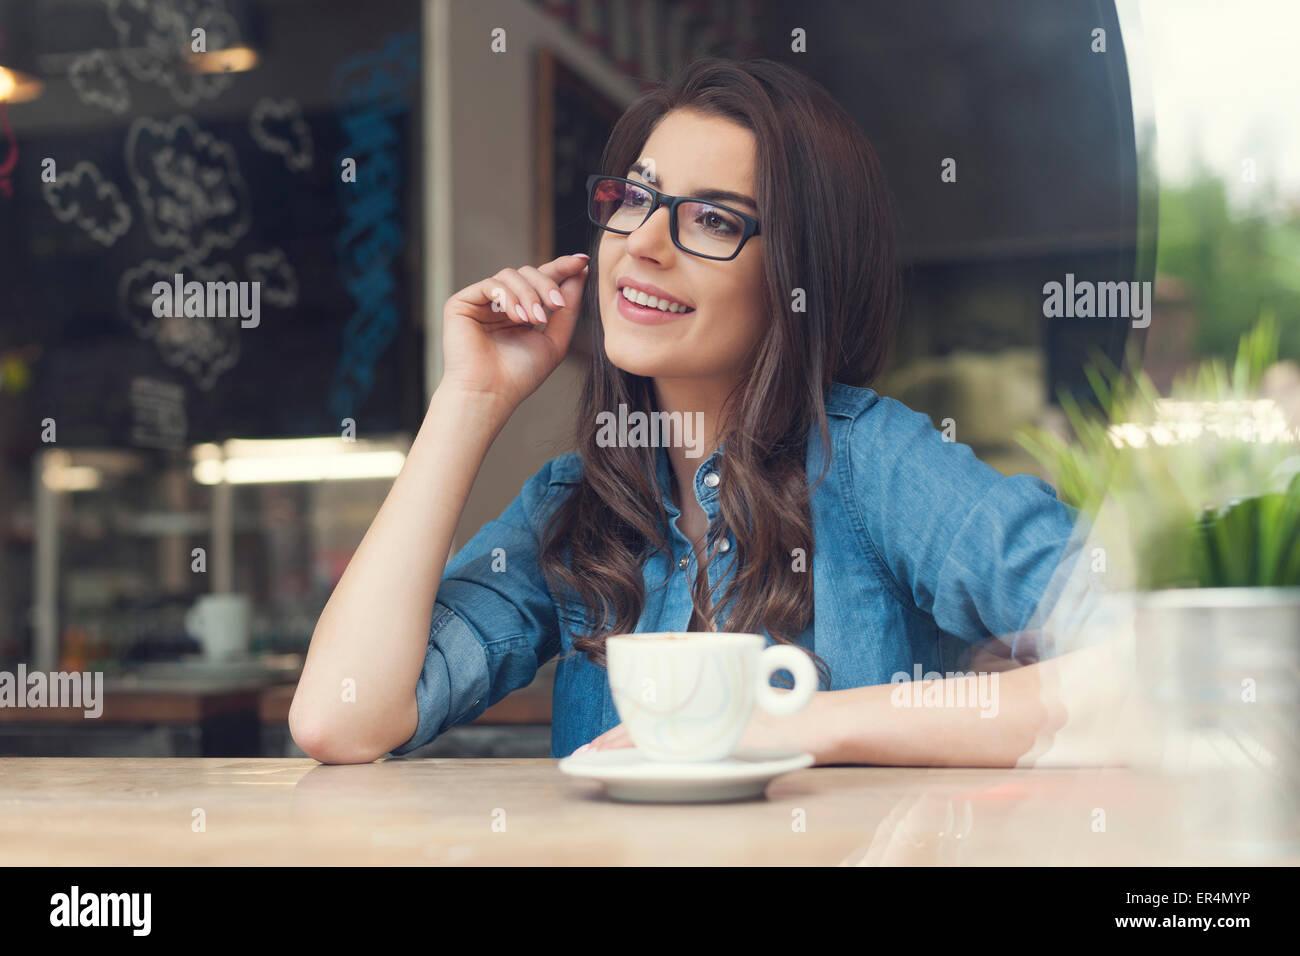 Hermosa mujer llevaba gafas de moda en el cafe. Cracovia, Polonia Imagen De Stock